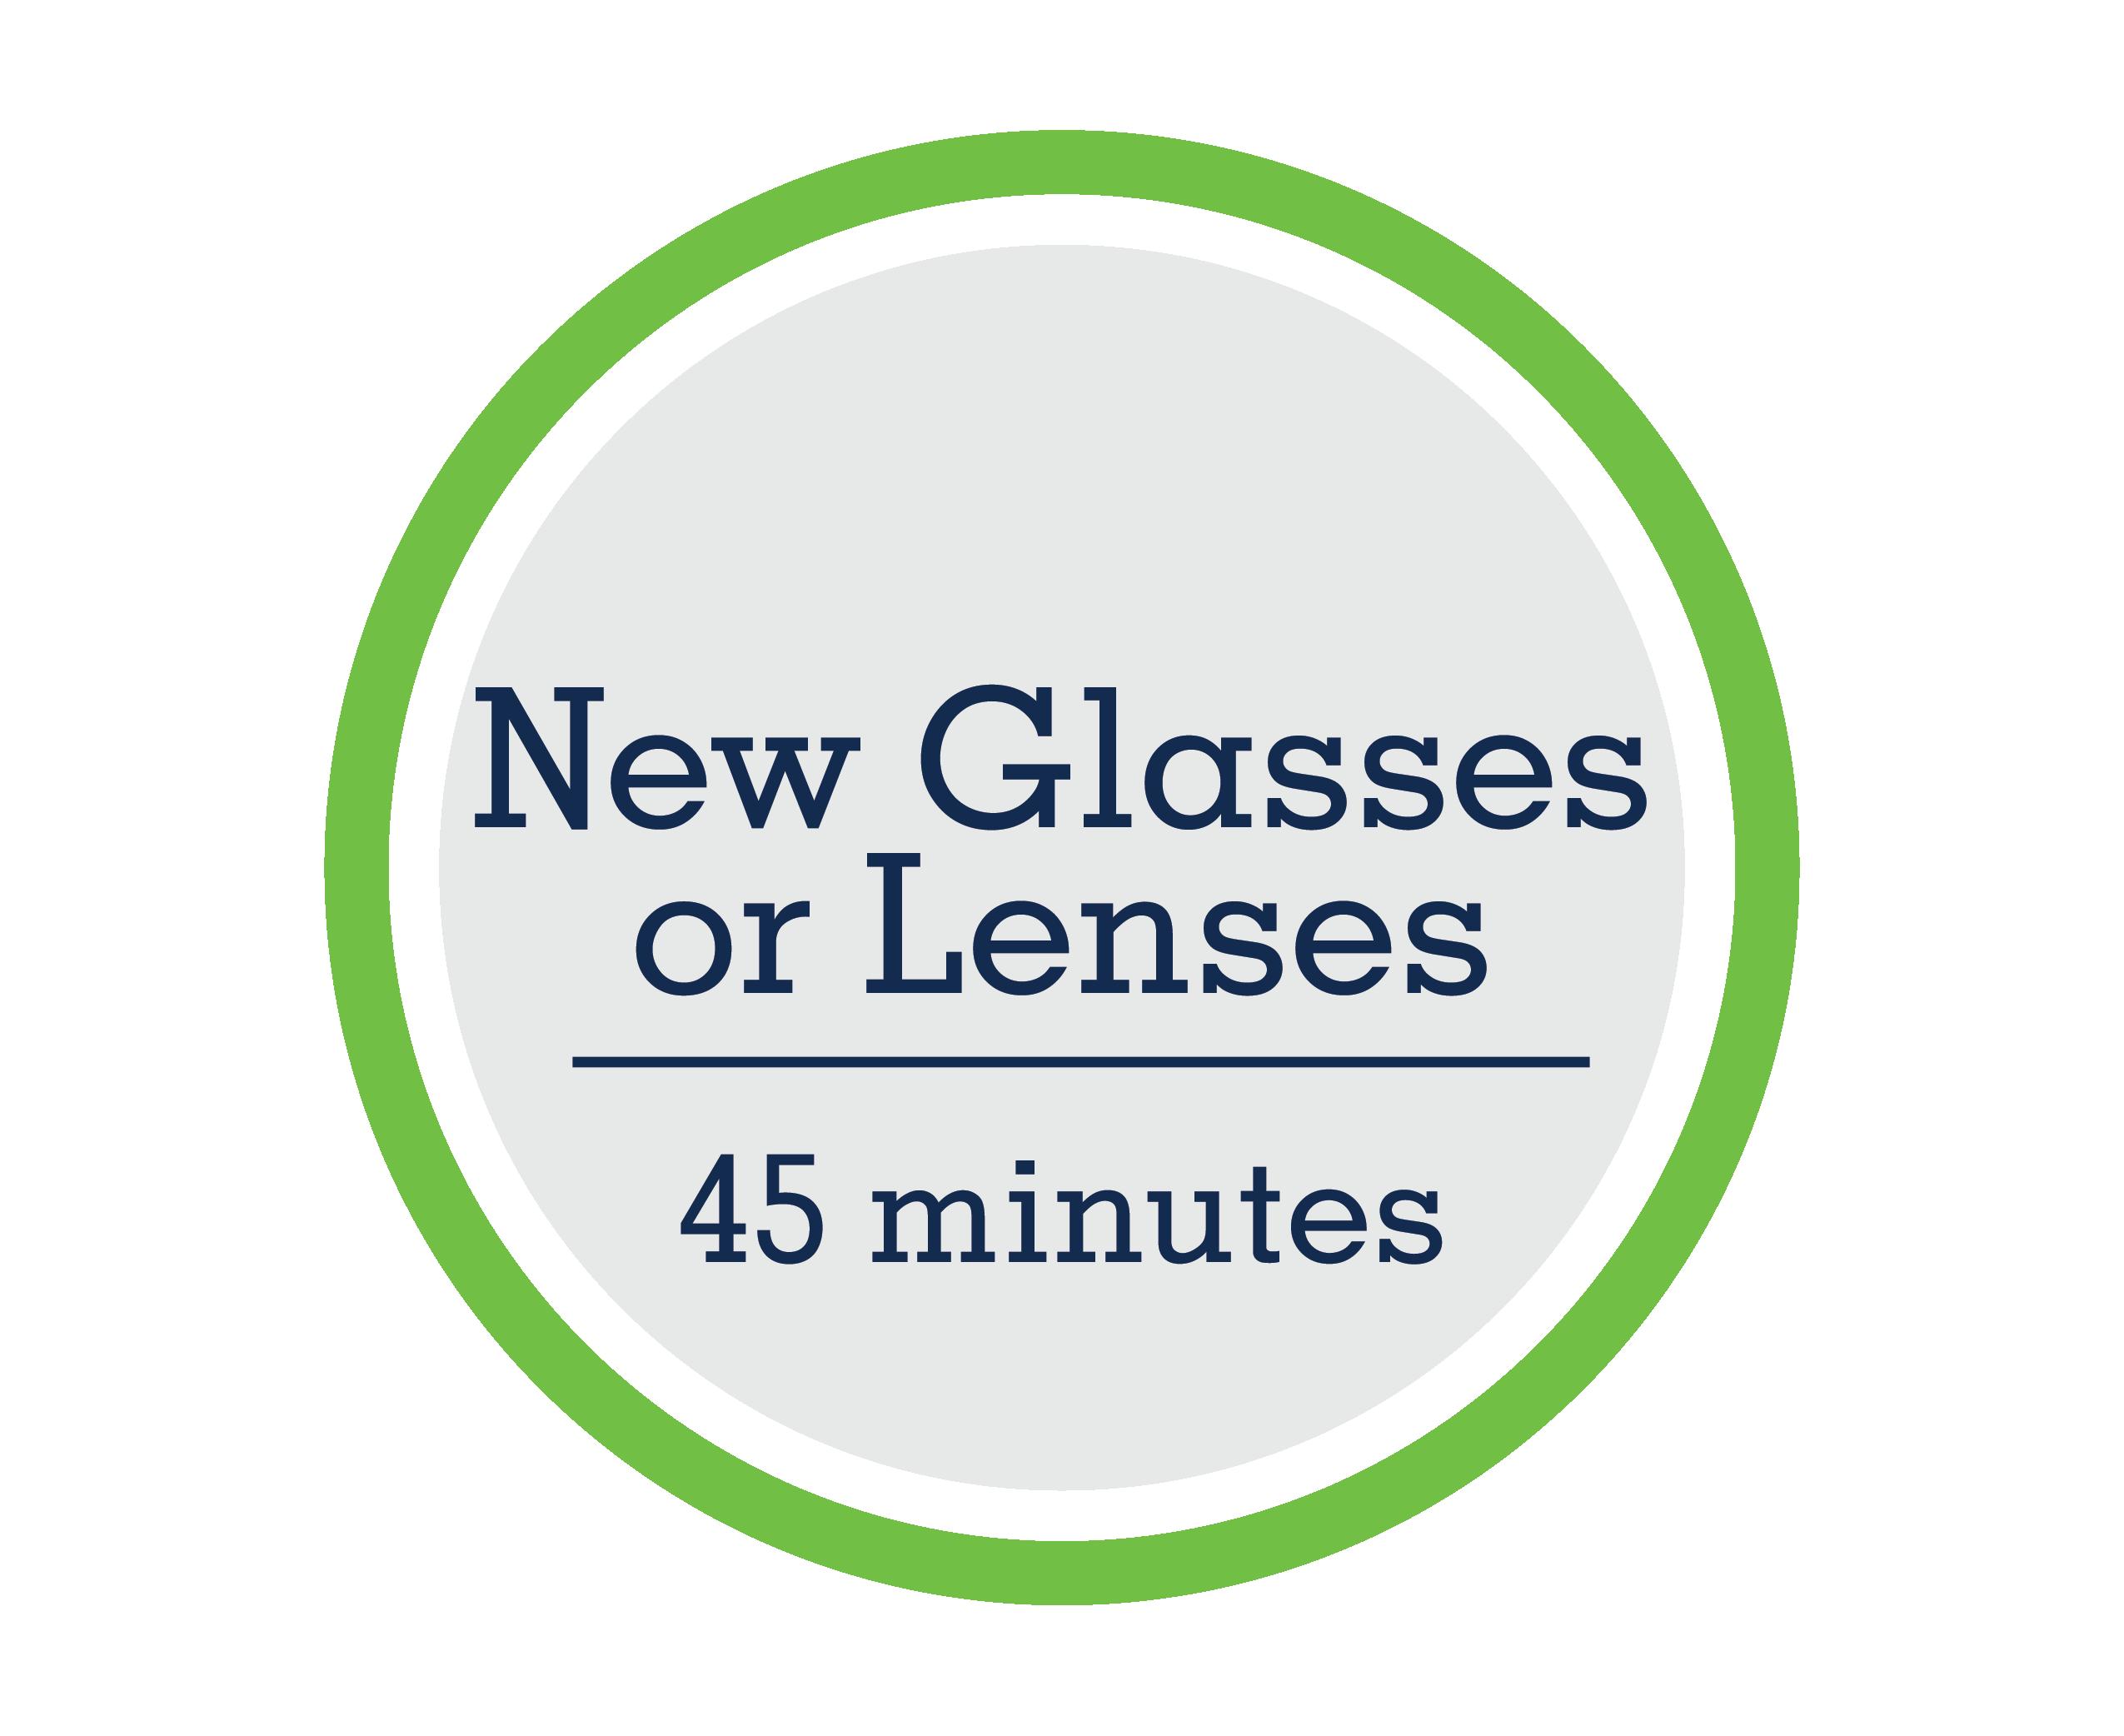 New Glasses or Lenses